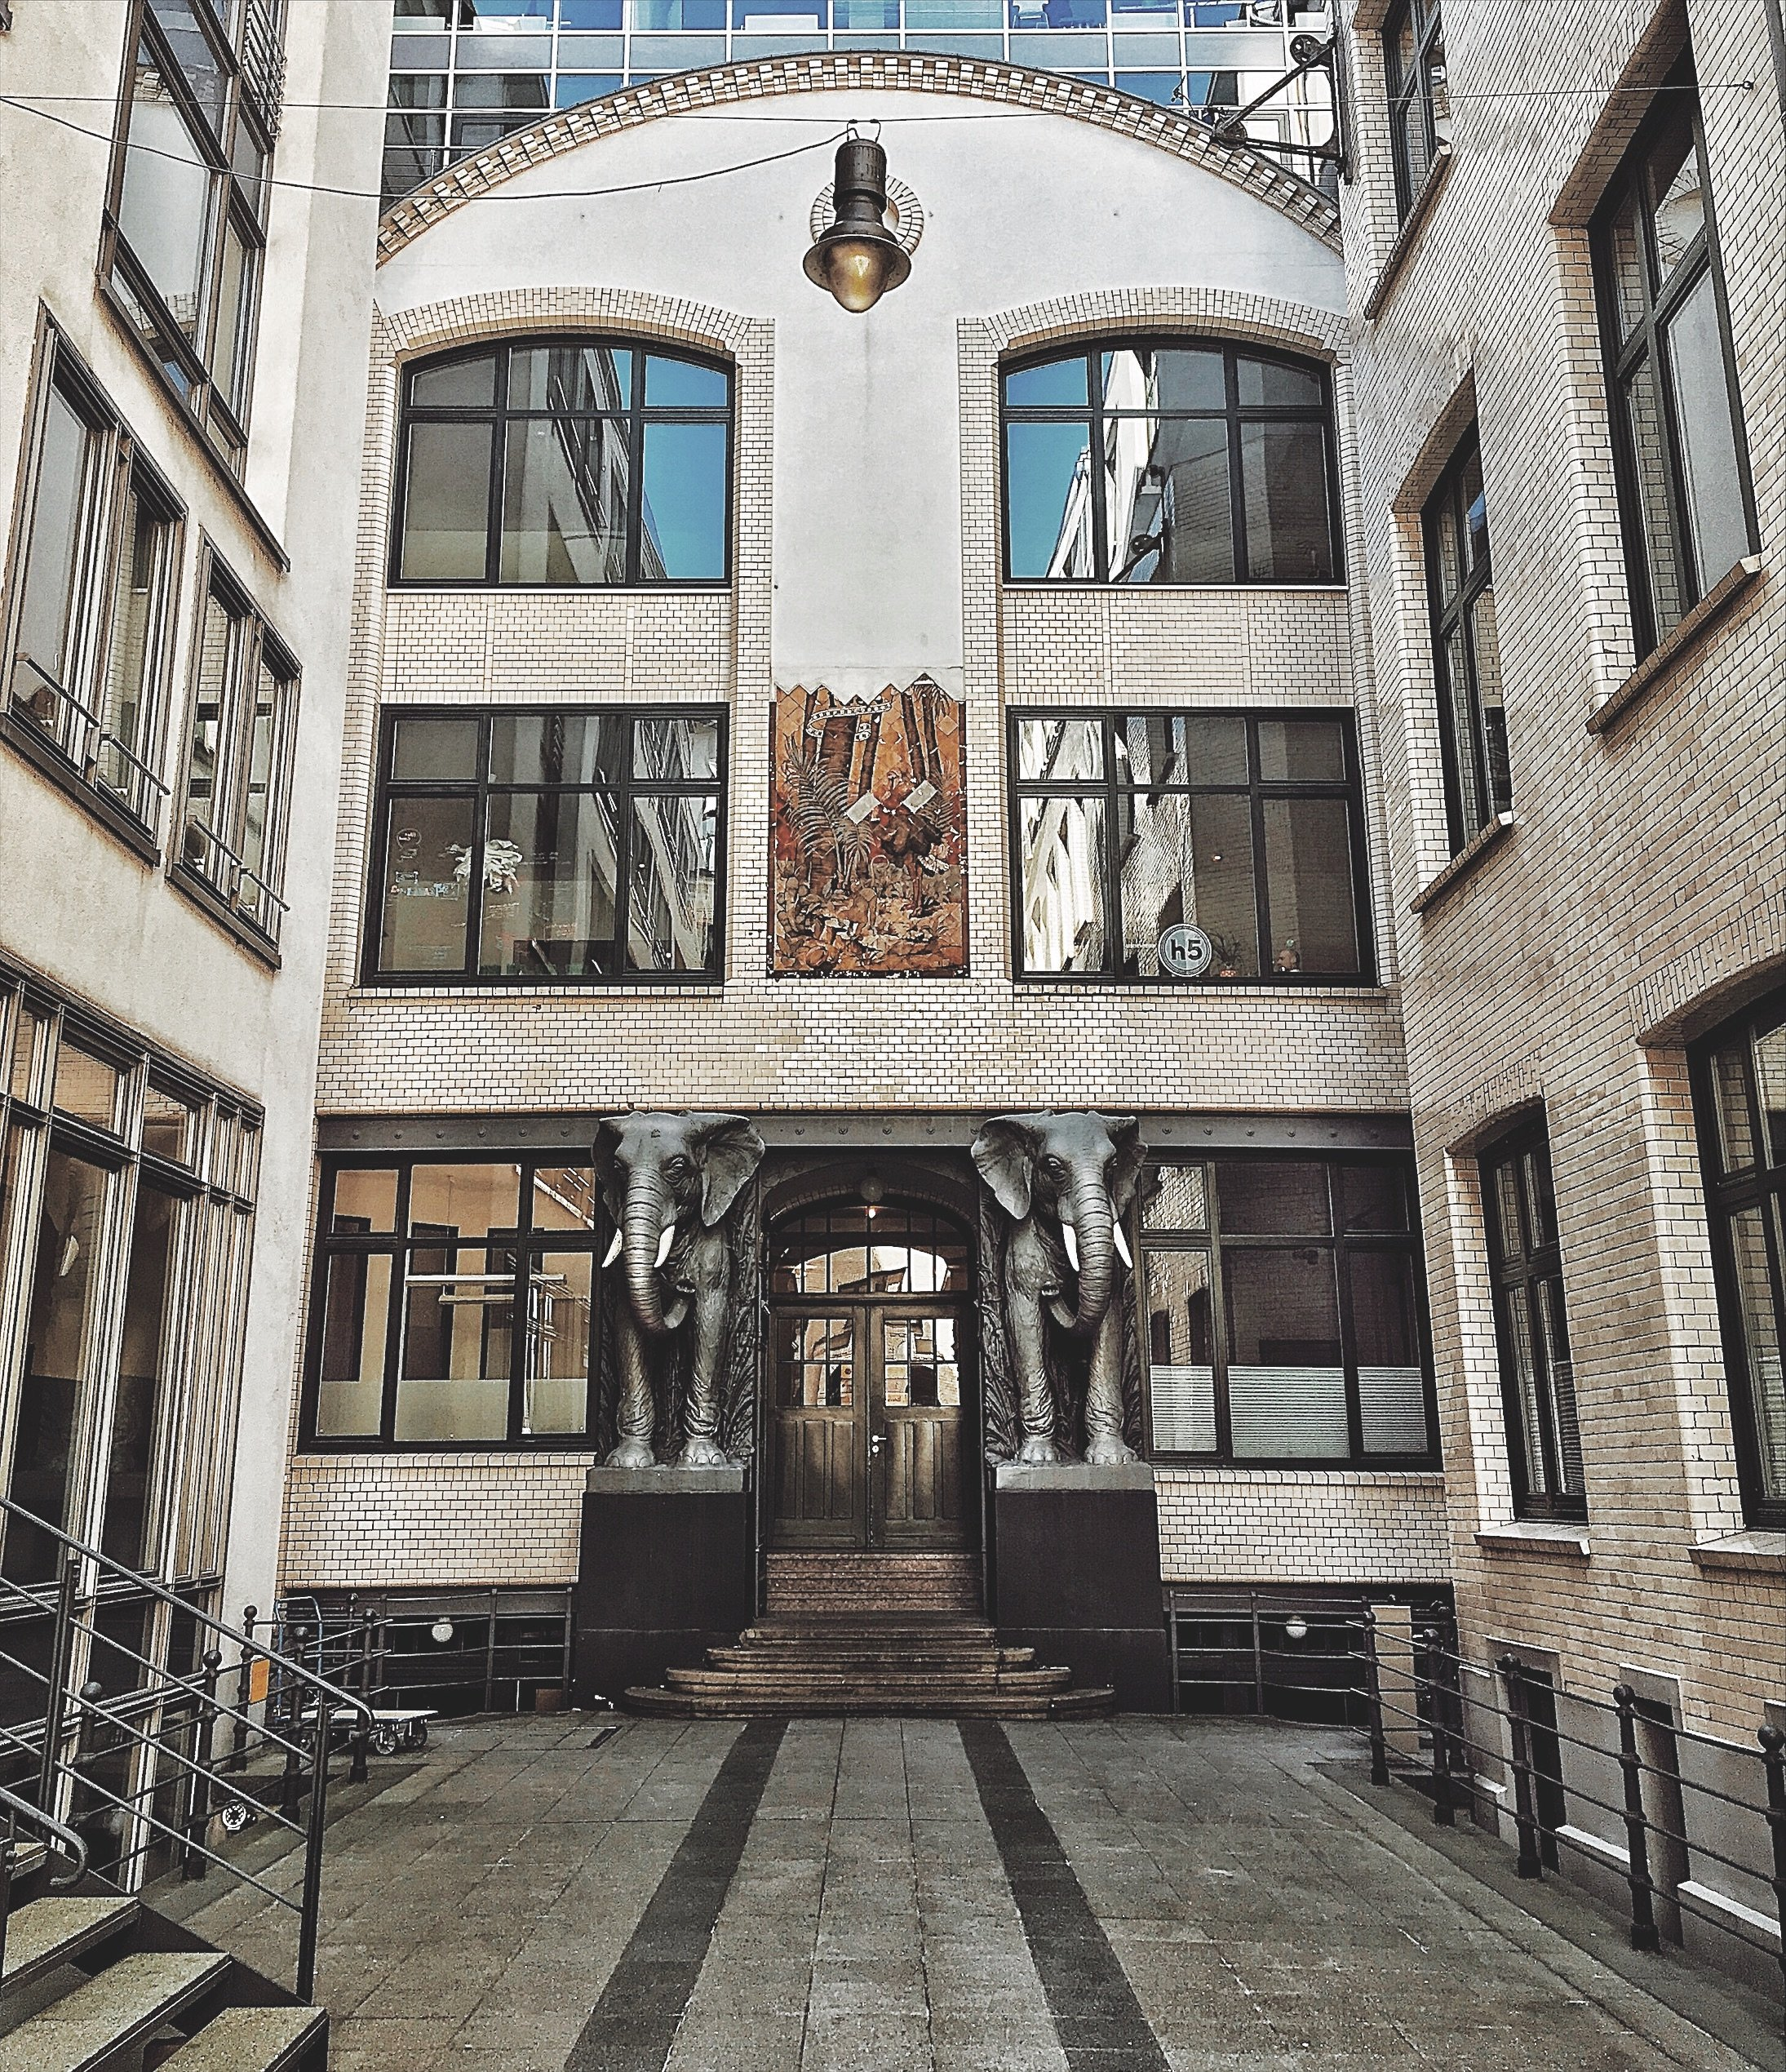 Hinterhöfe in Hamburg: Afrikaans